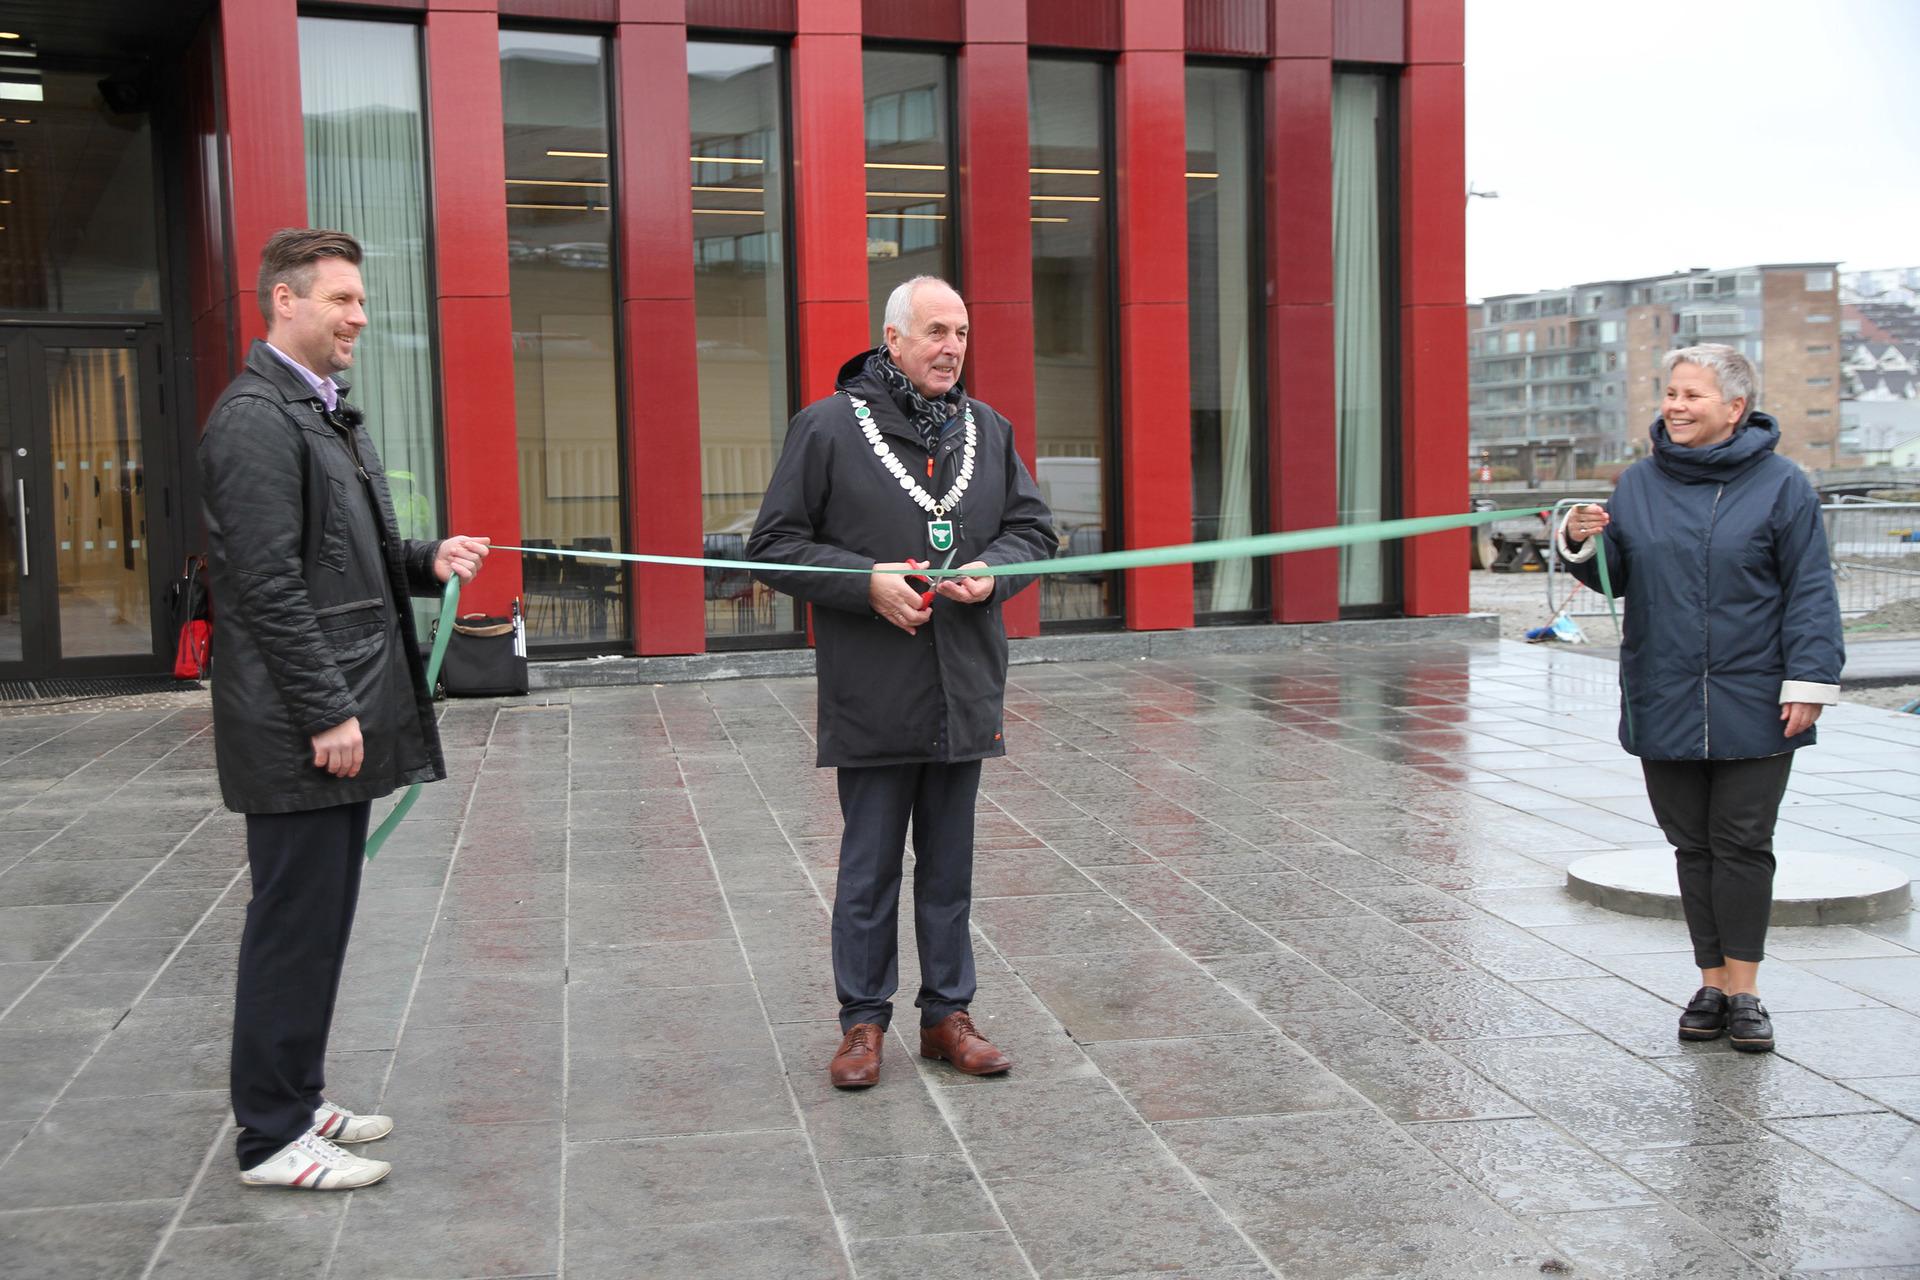 Ordfører klipper snora foran nye rådhuset